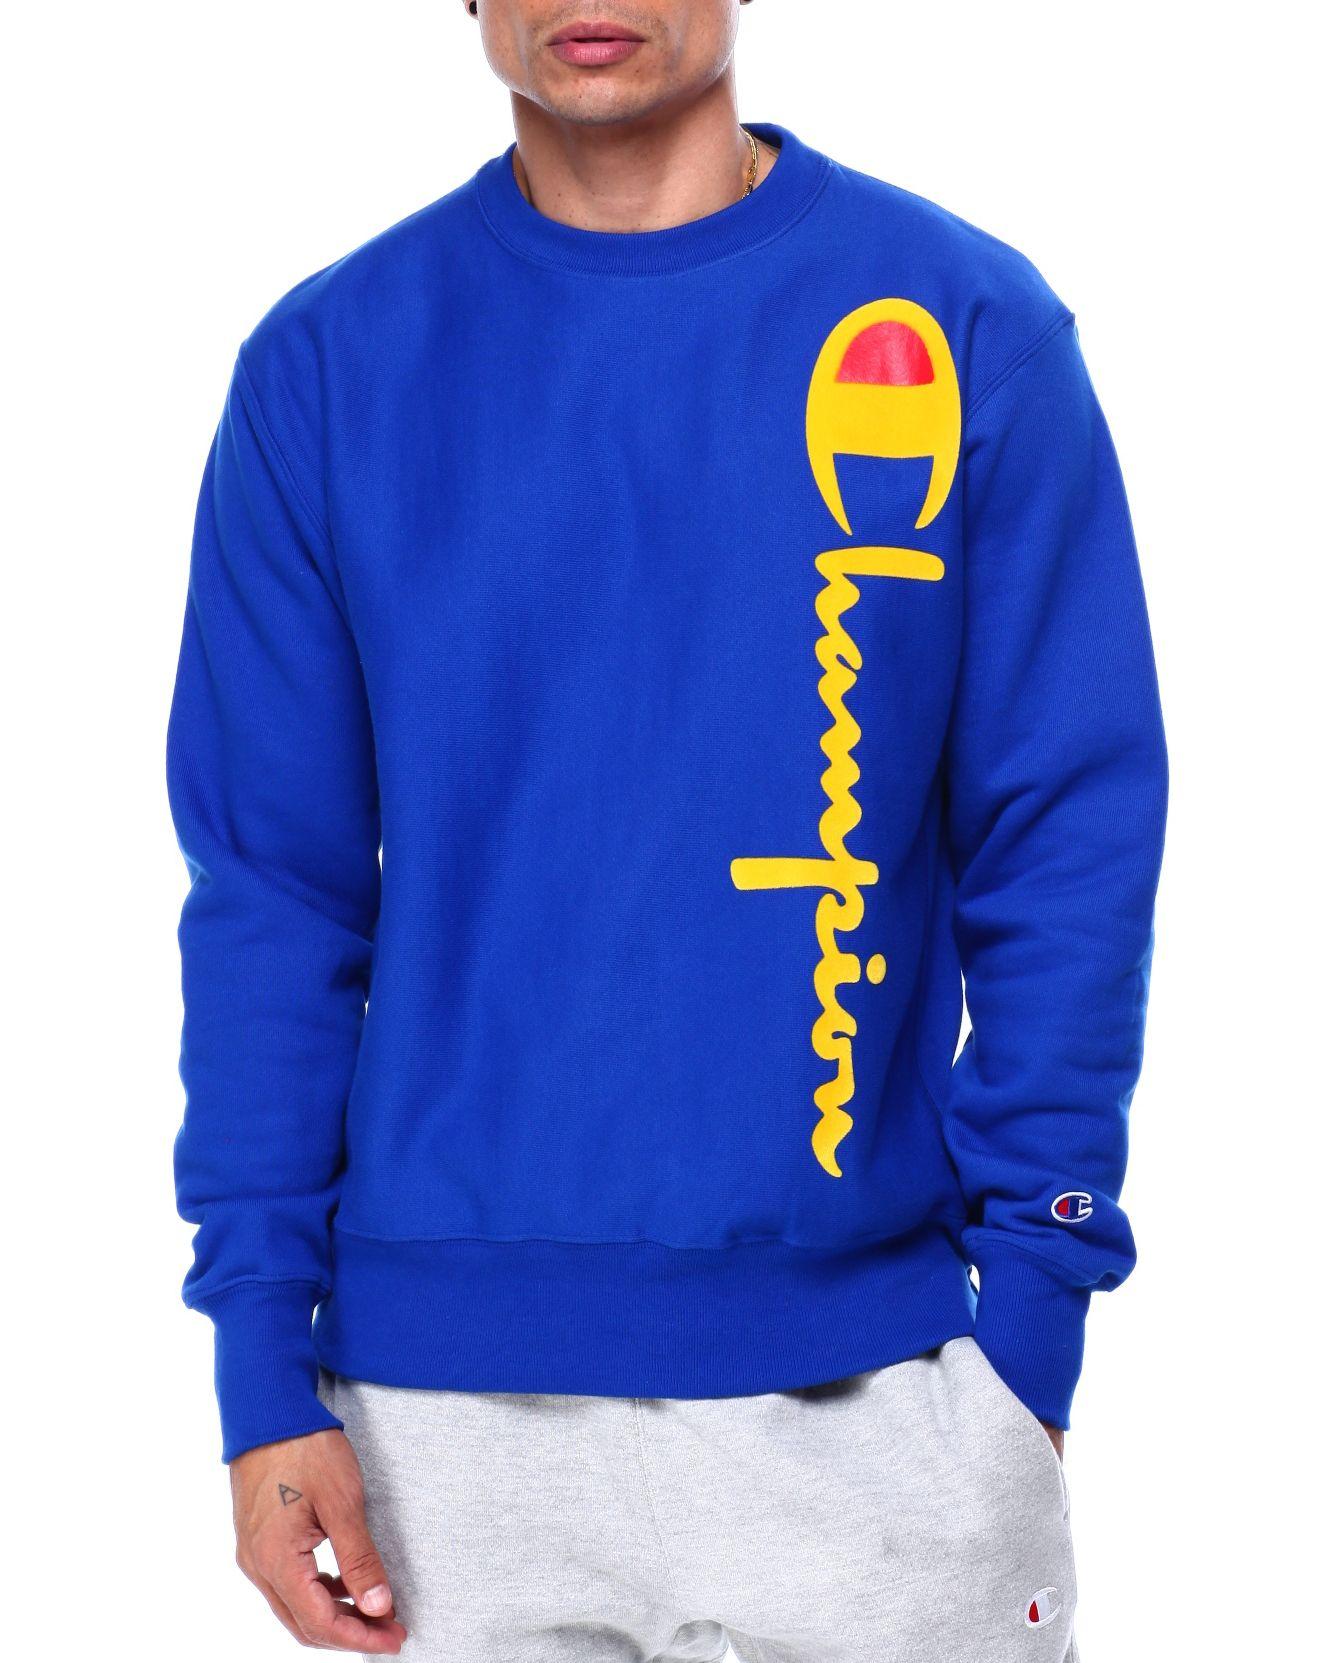 Buy Oversized Flock Crewneck Sweatshirt Men S Sweatshirts Sweaters From Champion Find Champion Fashion Mens Champion Sweatshirt Sweatshirts Sweatshirt Shirt [ 1663 x 1329 Pixel ]